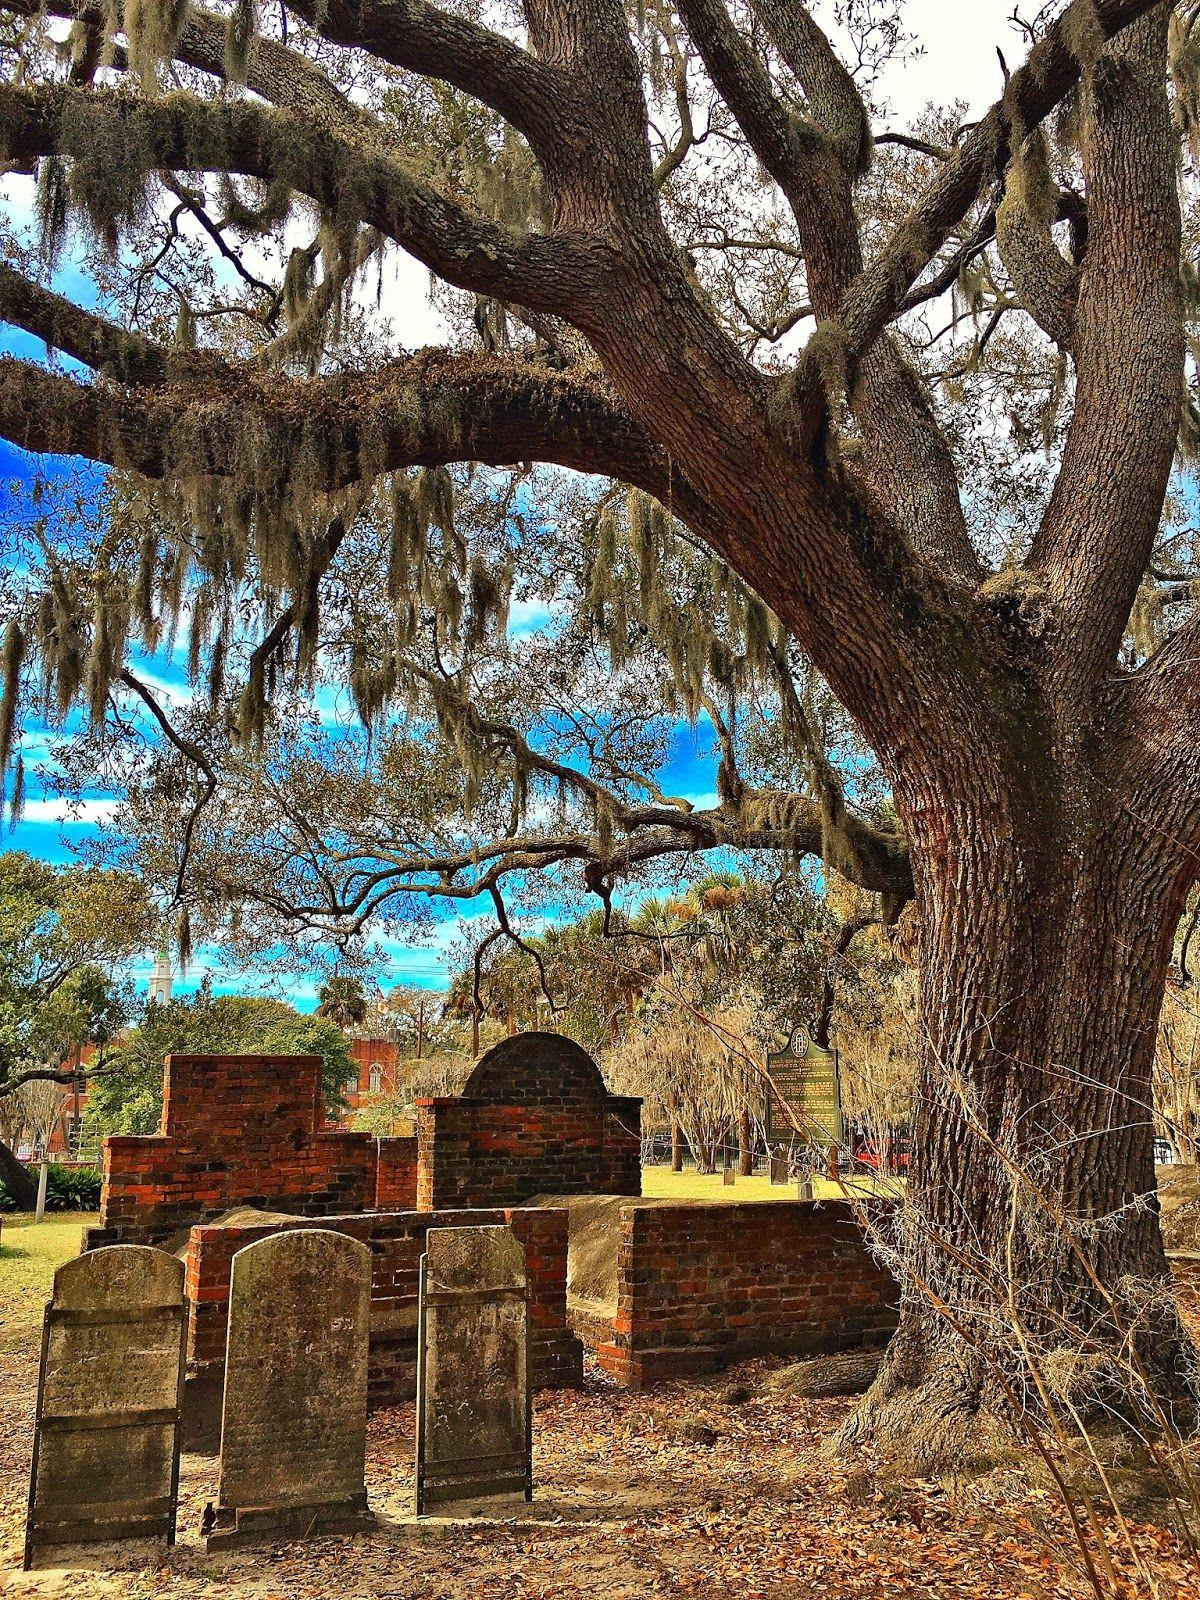 Cemetery In Savannah Georgia 2019